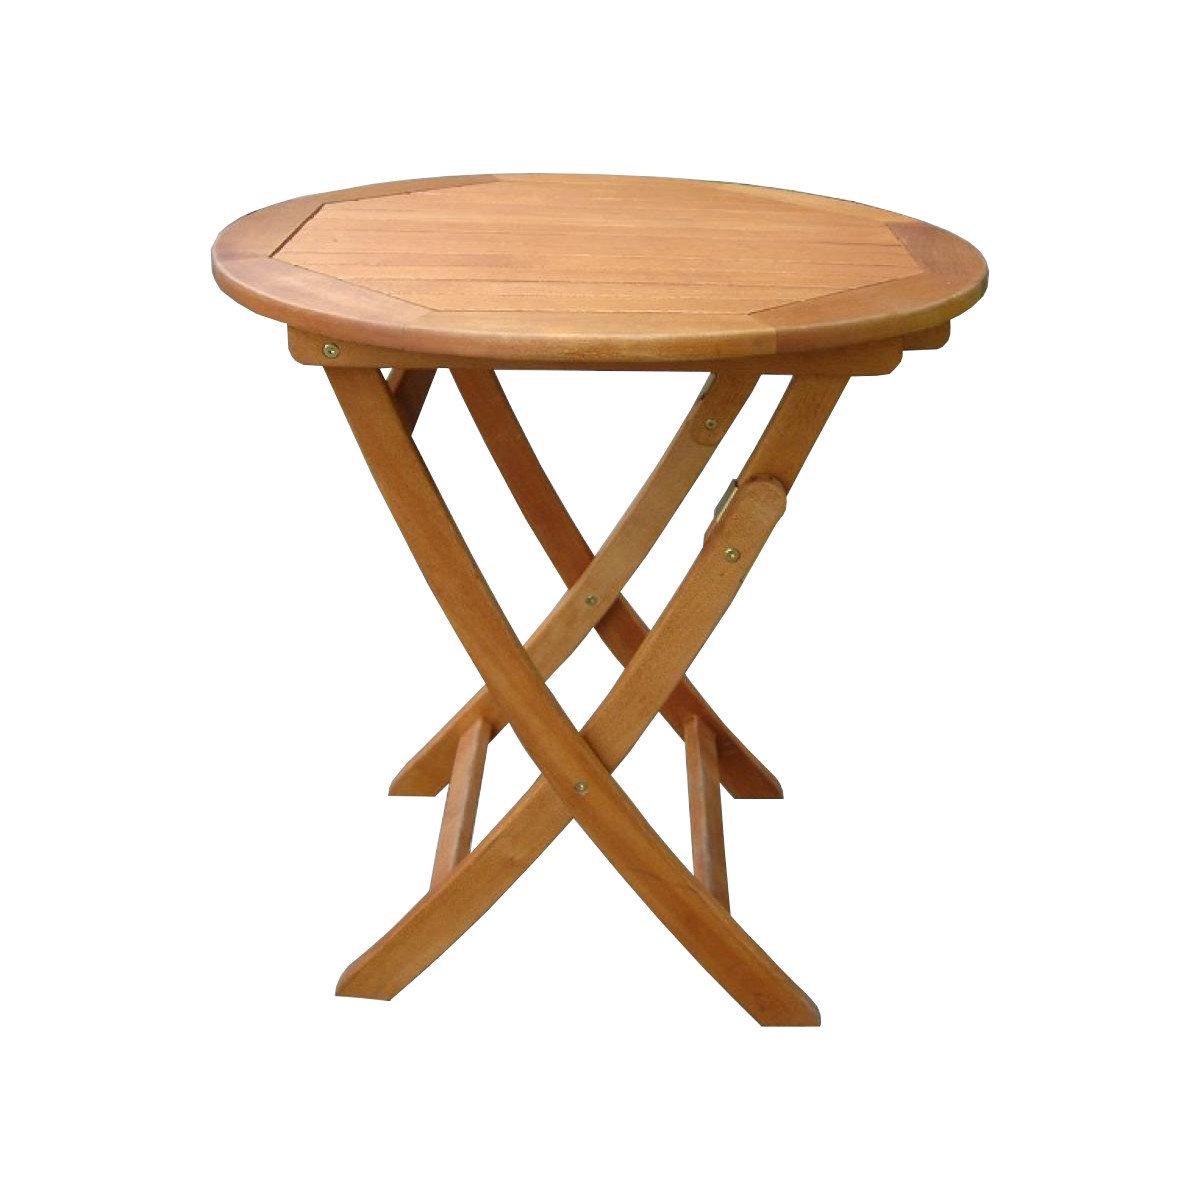 Klapptisch Balkontisch Balkon-Möbel Gartenmöbel Hartholz Tisch Rund 80er Garte günstig bestellen